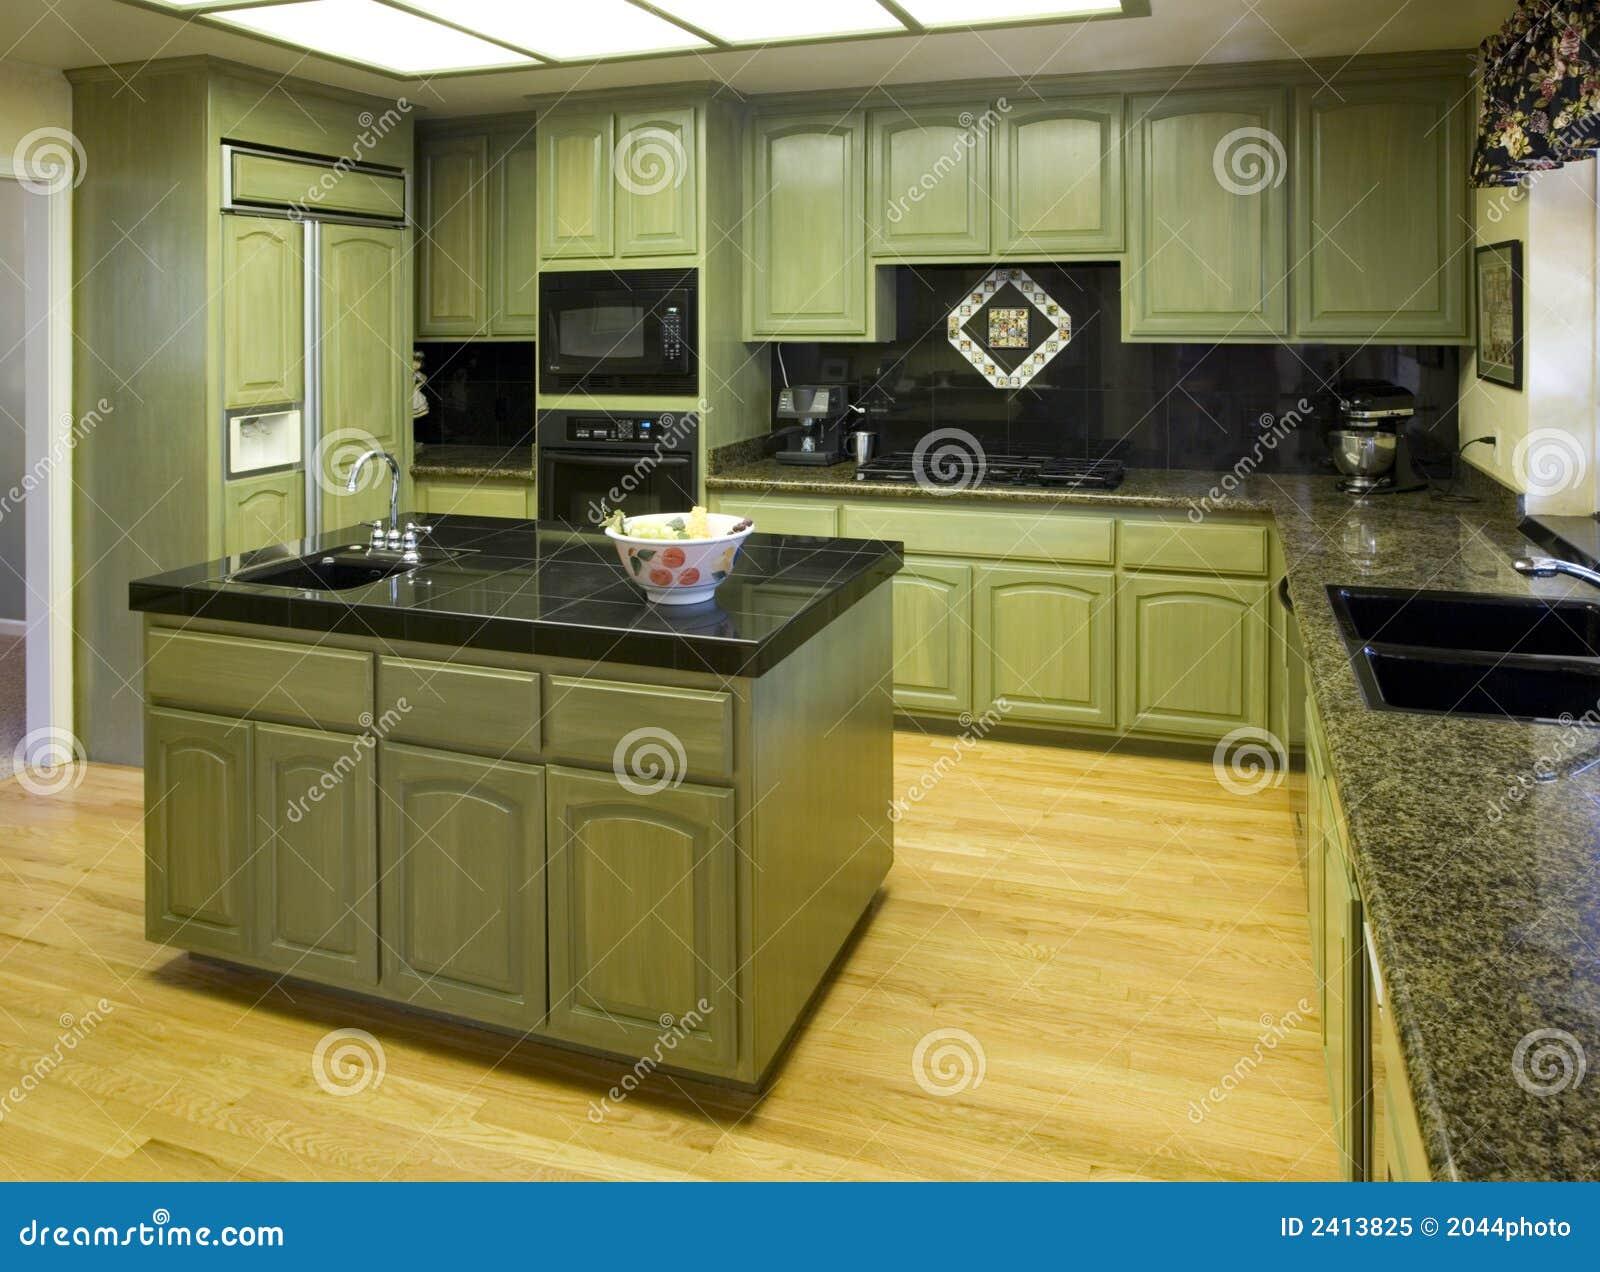 Cocina residencial suburbana